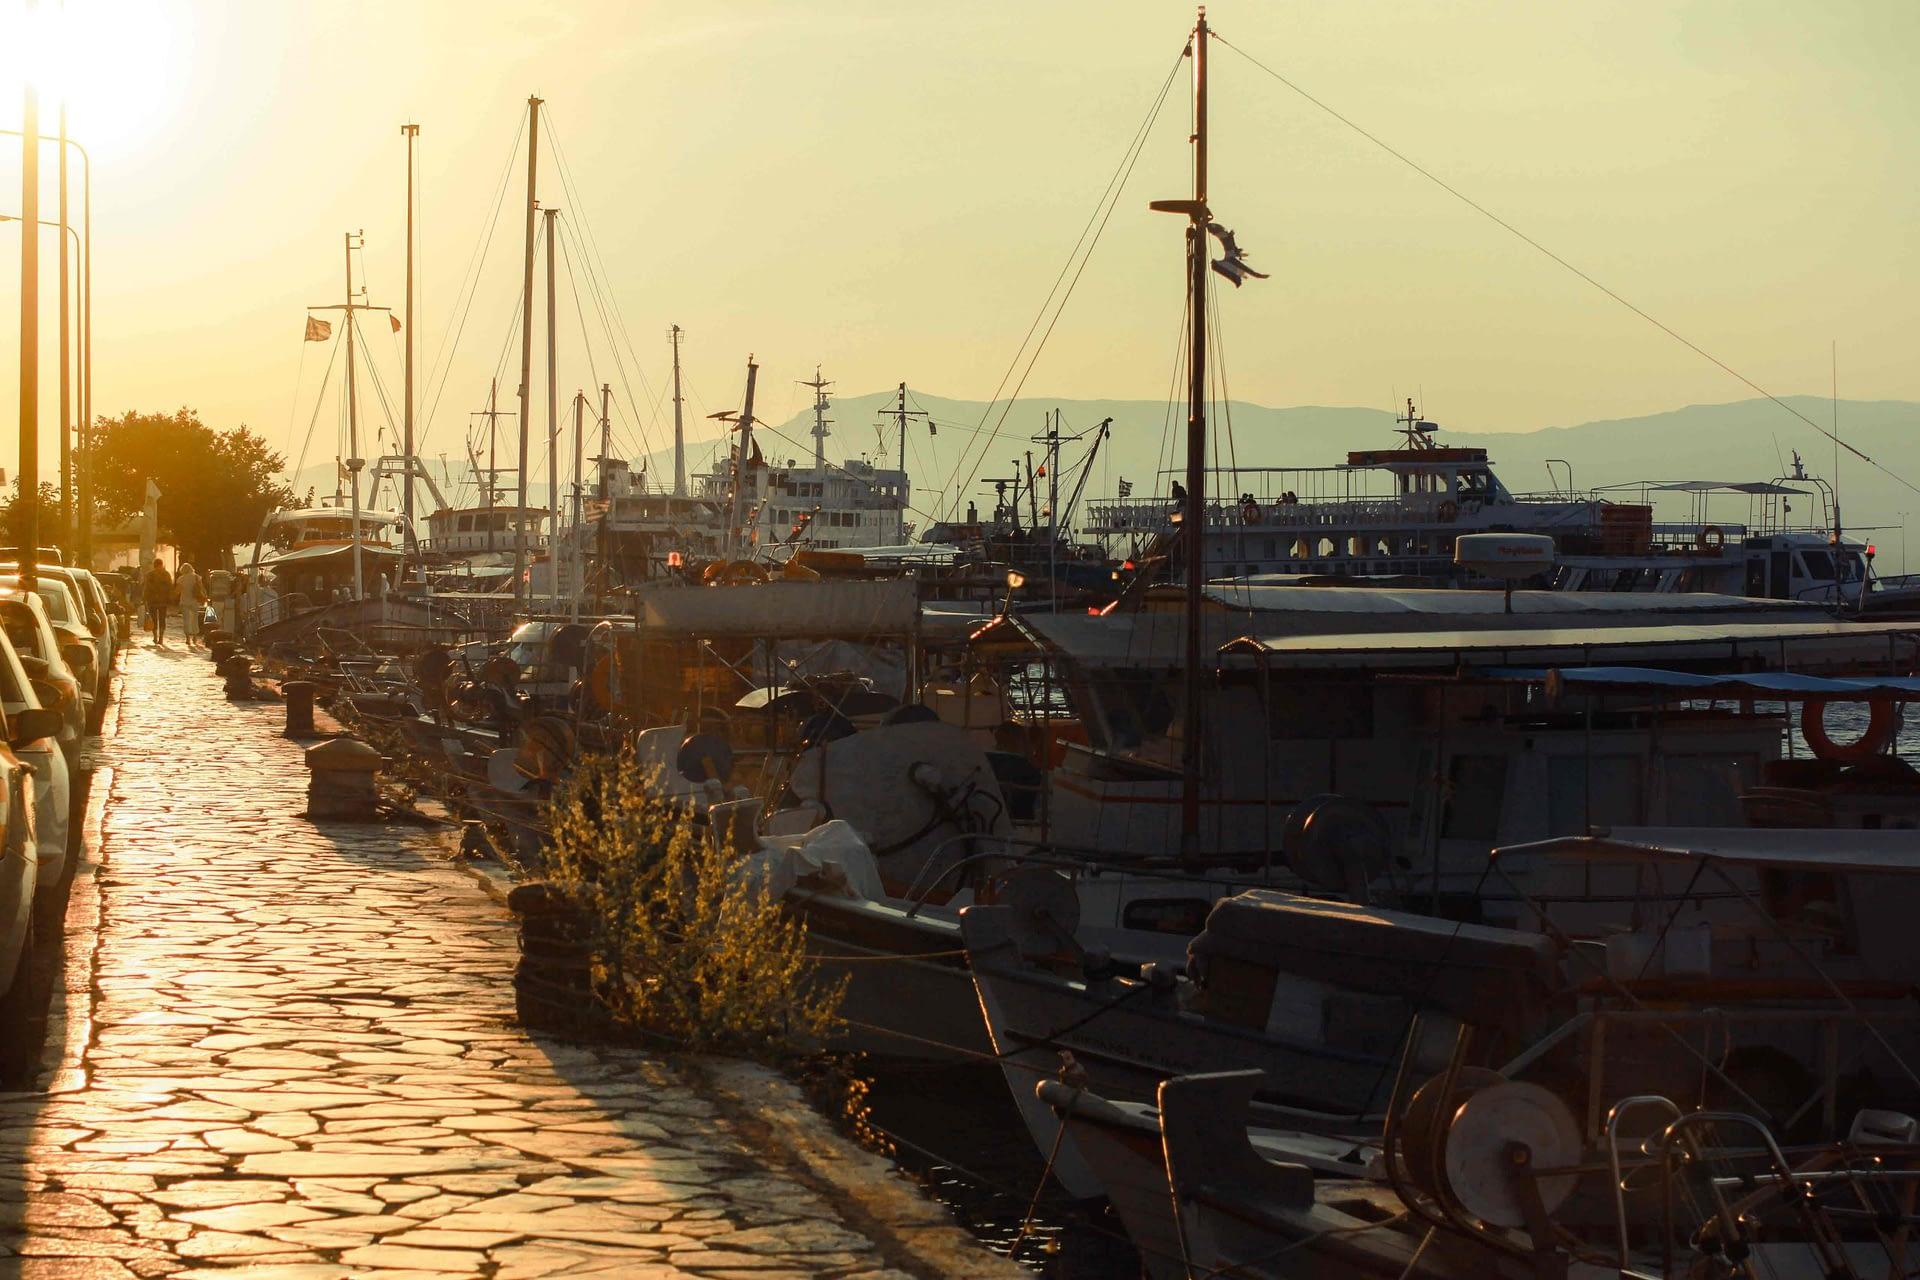 port in grecia